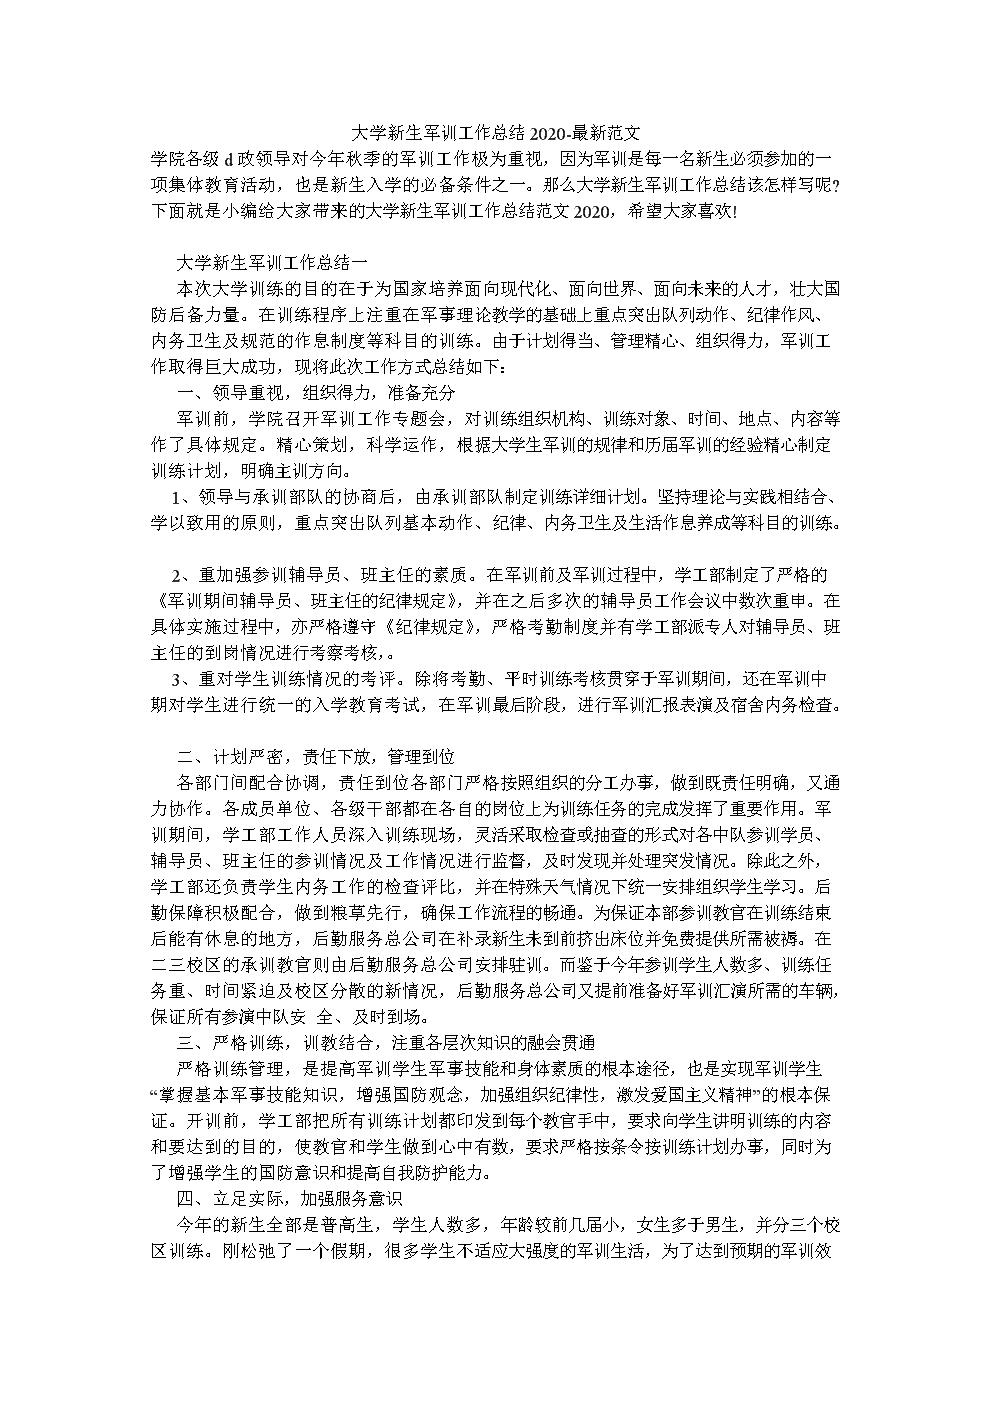 大学新生军训工作总结2020-最新范文_0.doc